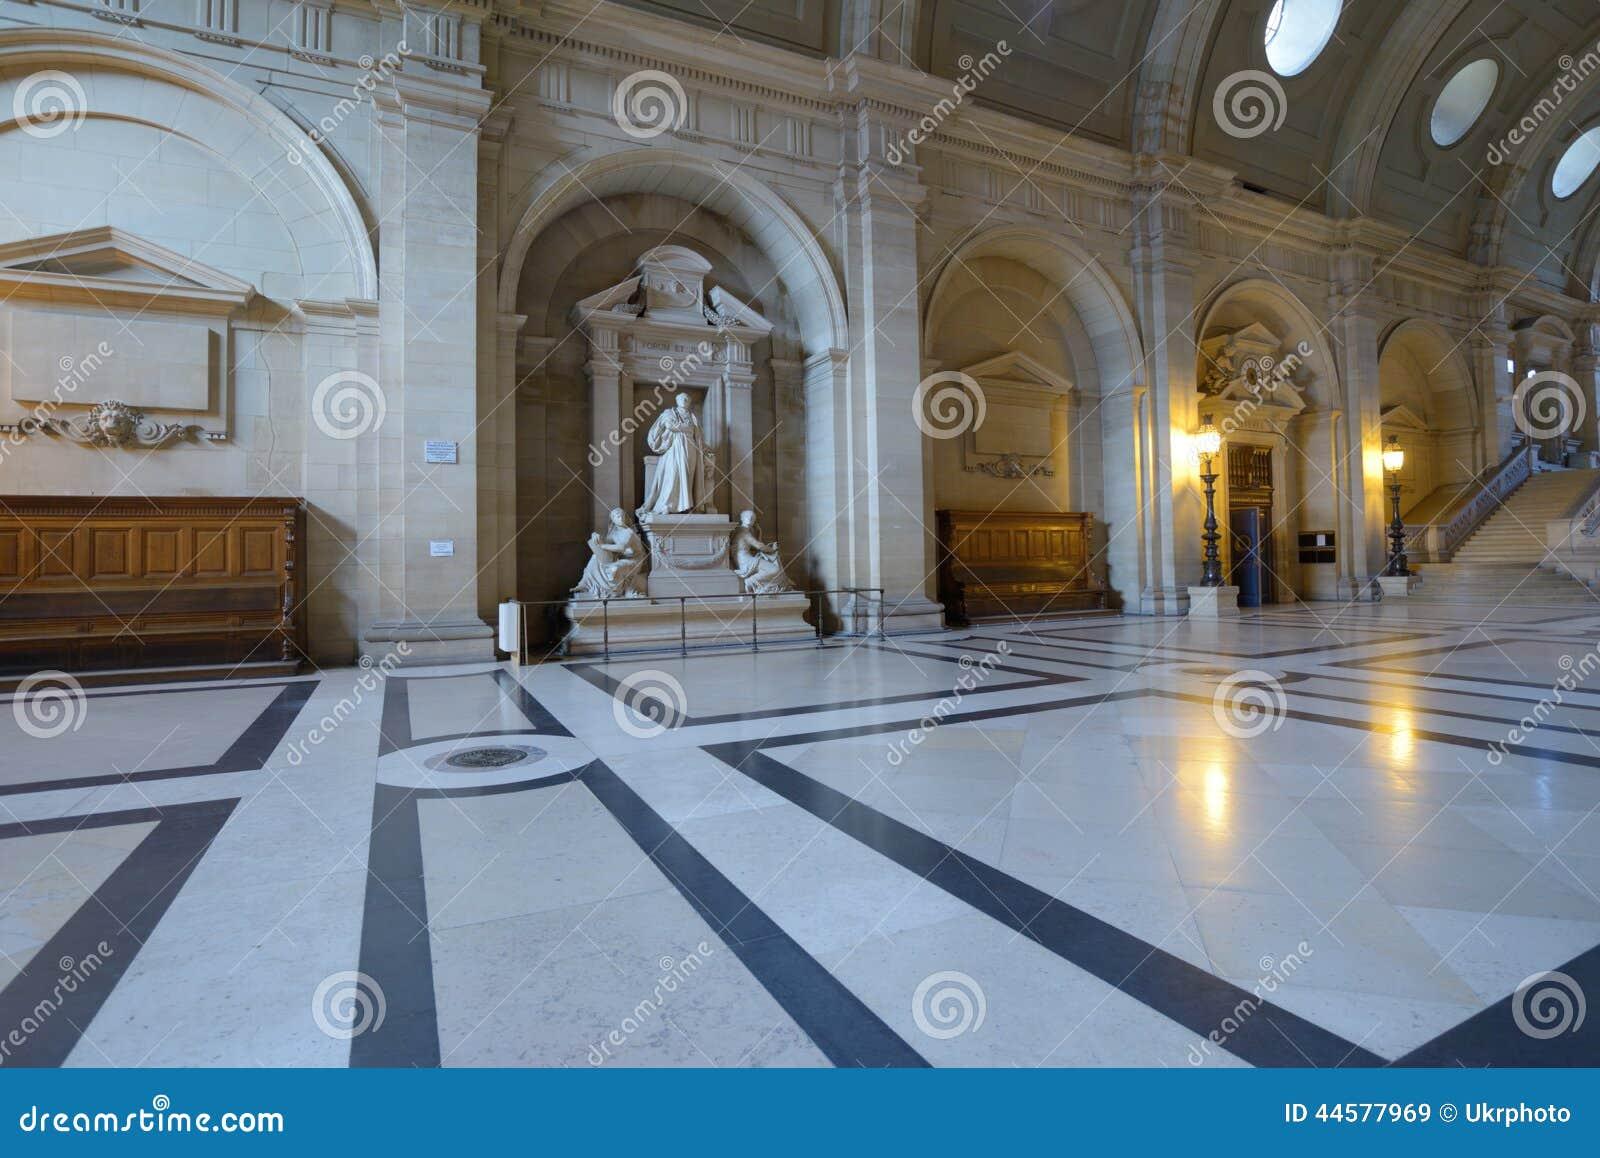 Interior del palacio de la justicia en par s imagen de for Interior y justicia